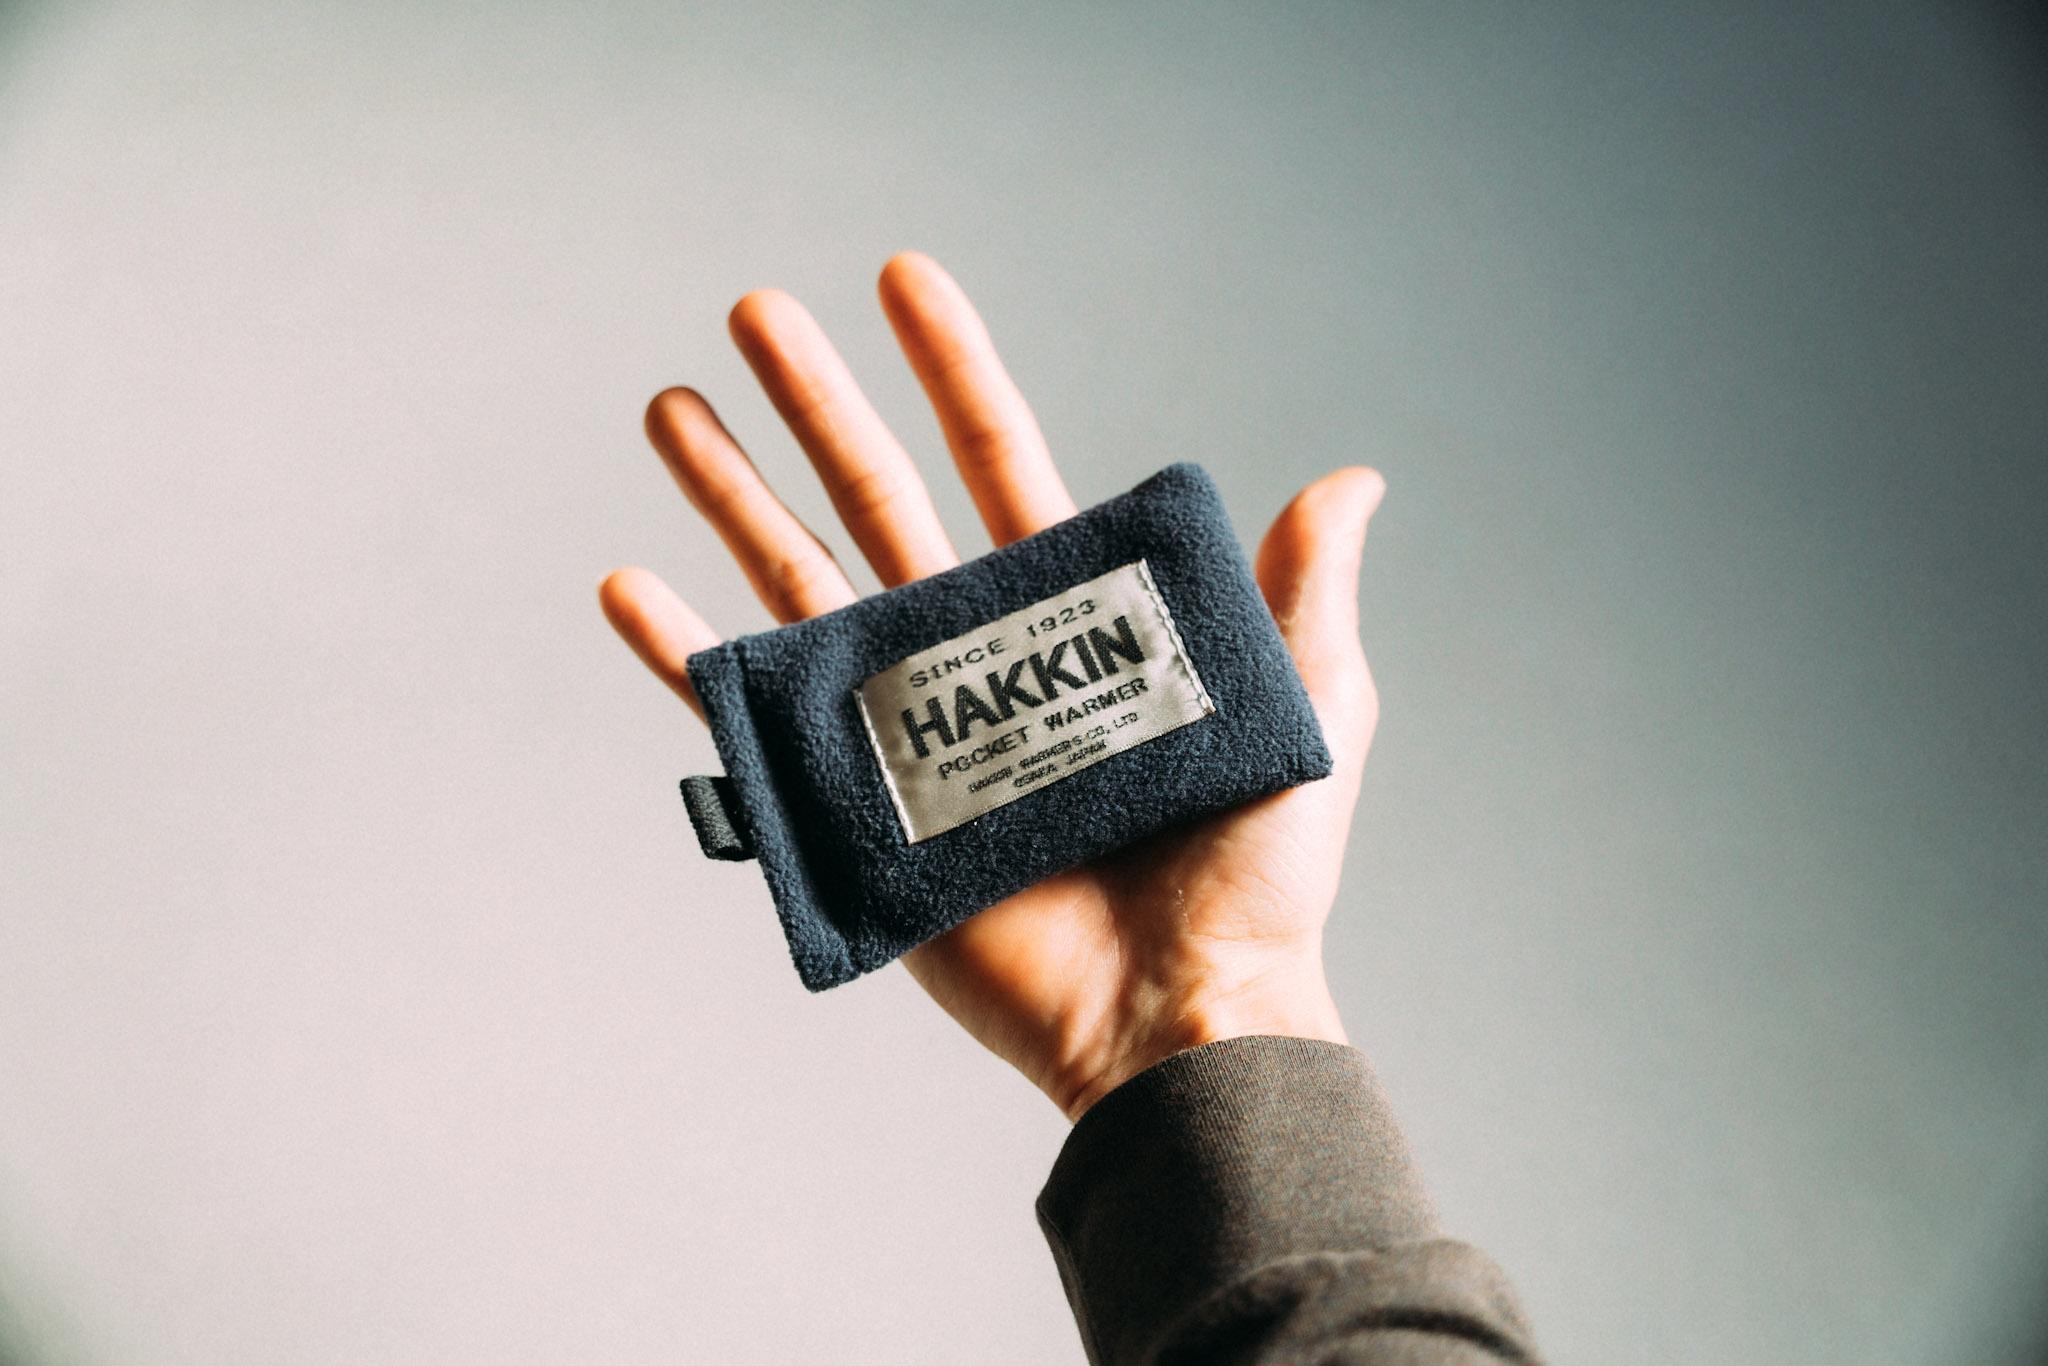 【レビュー】ハクキンカイロ|袋にしまってポッカポカ